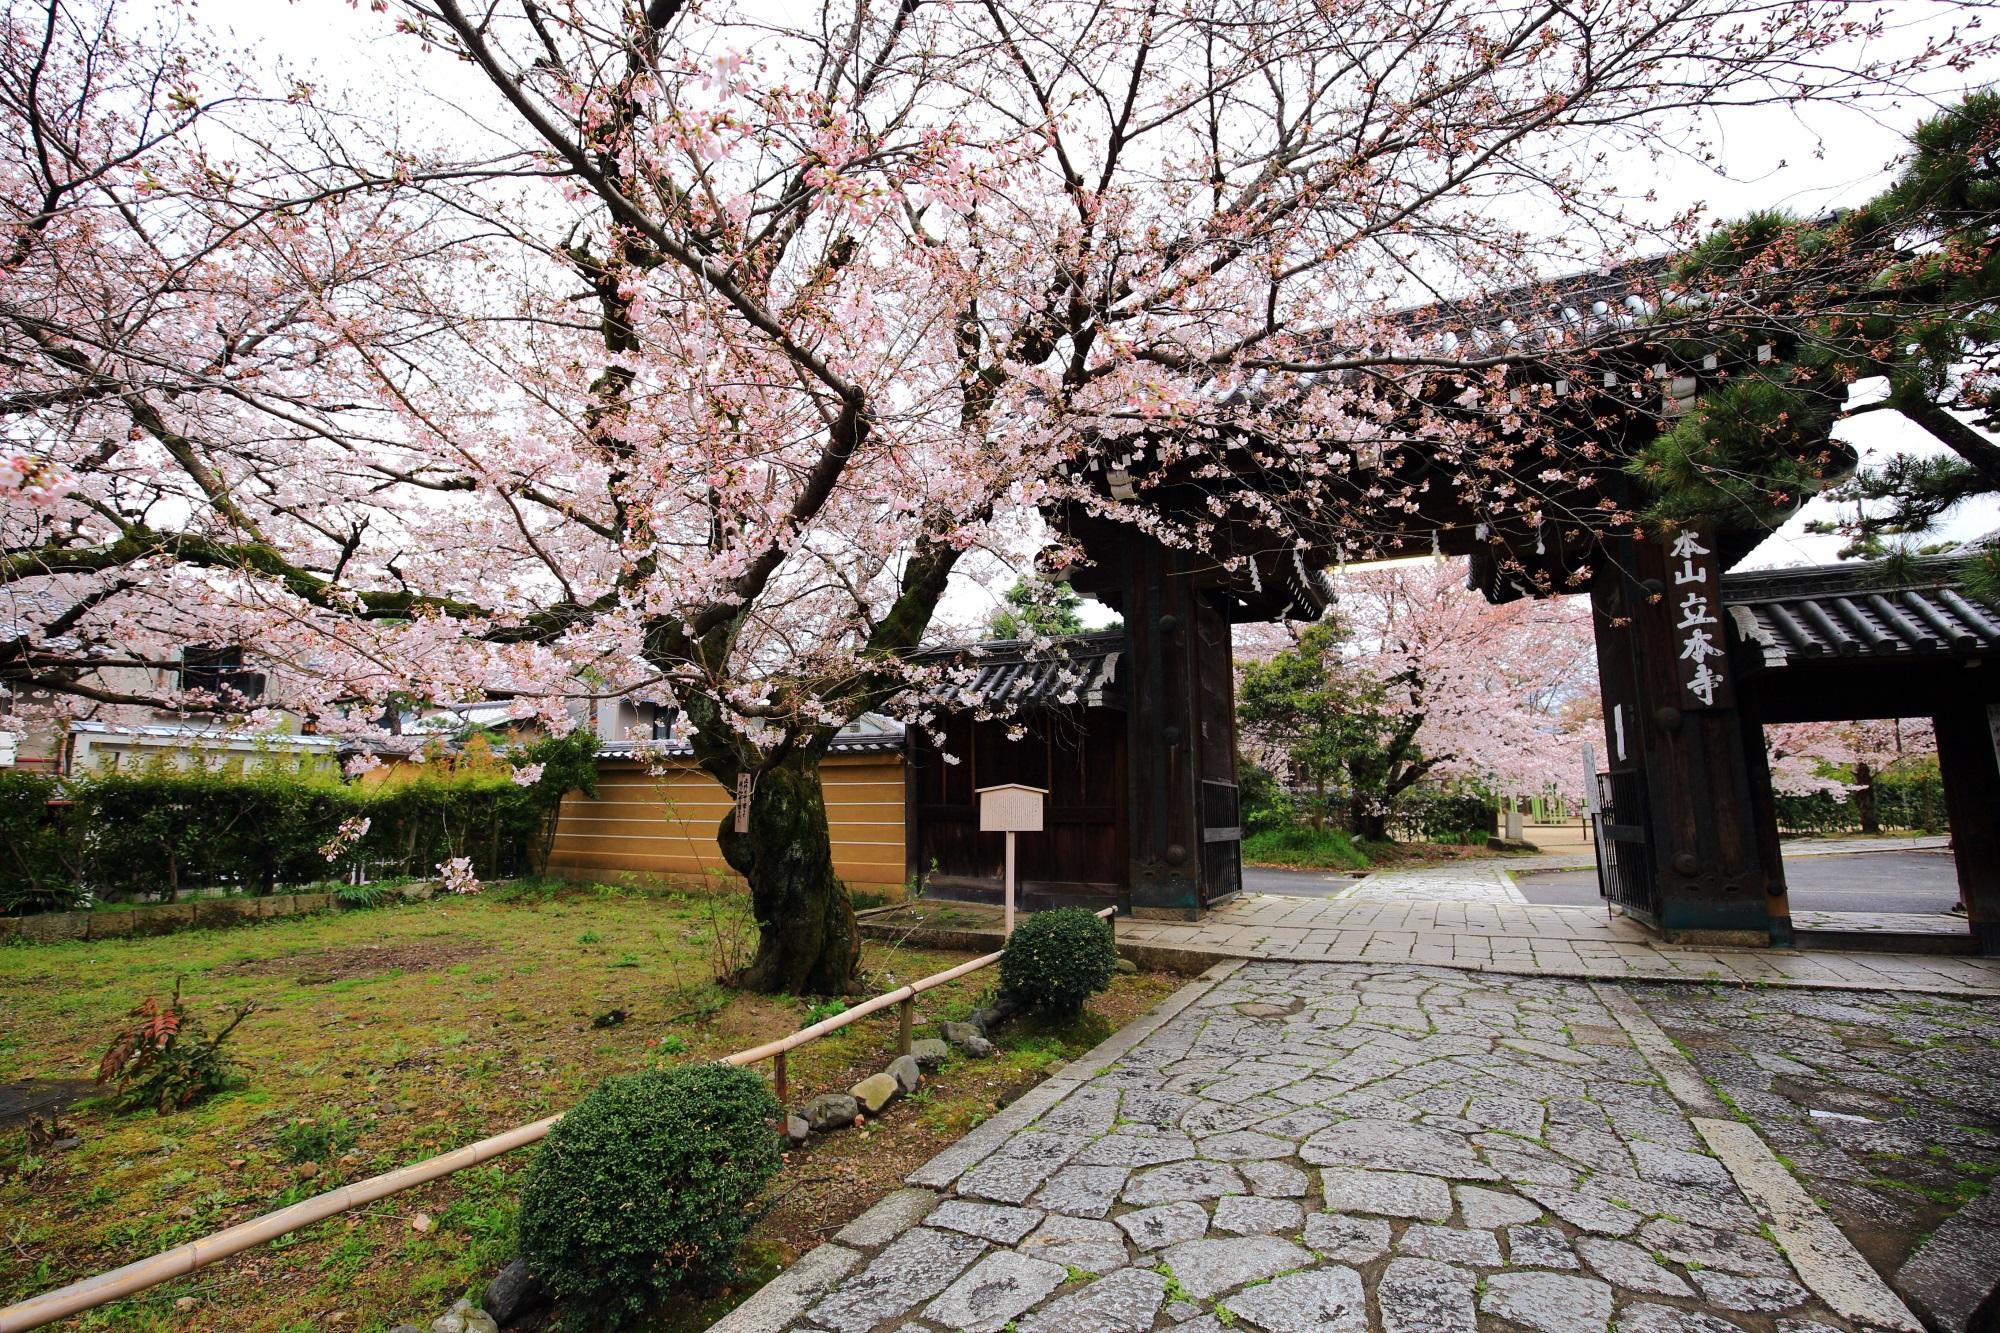 石畳の参道と木造の山門が演出する桜